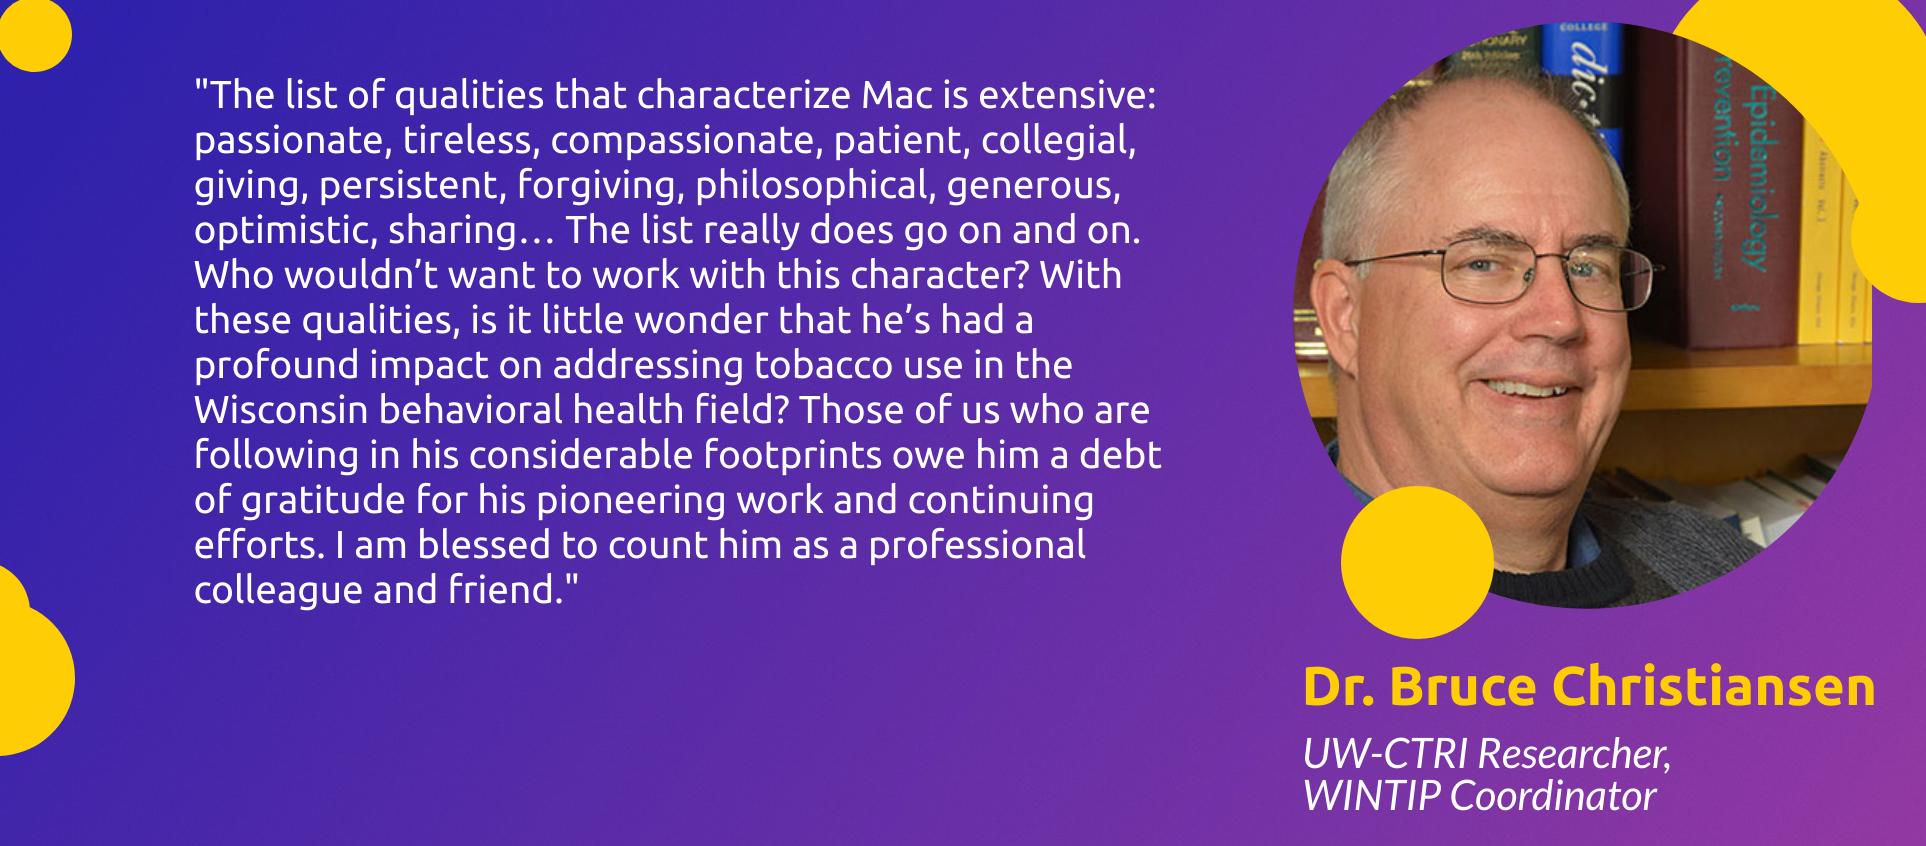 Dr. Bruce Christiansen